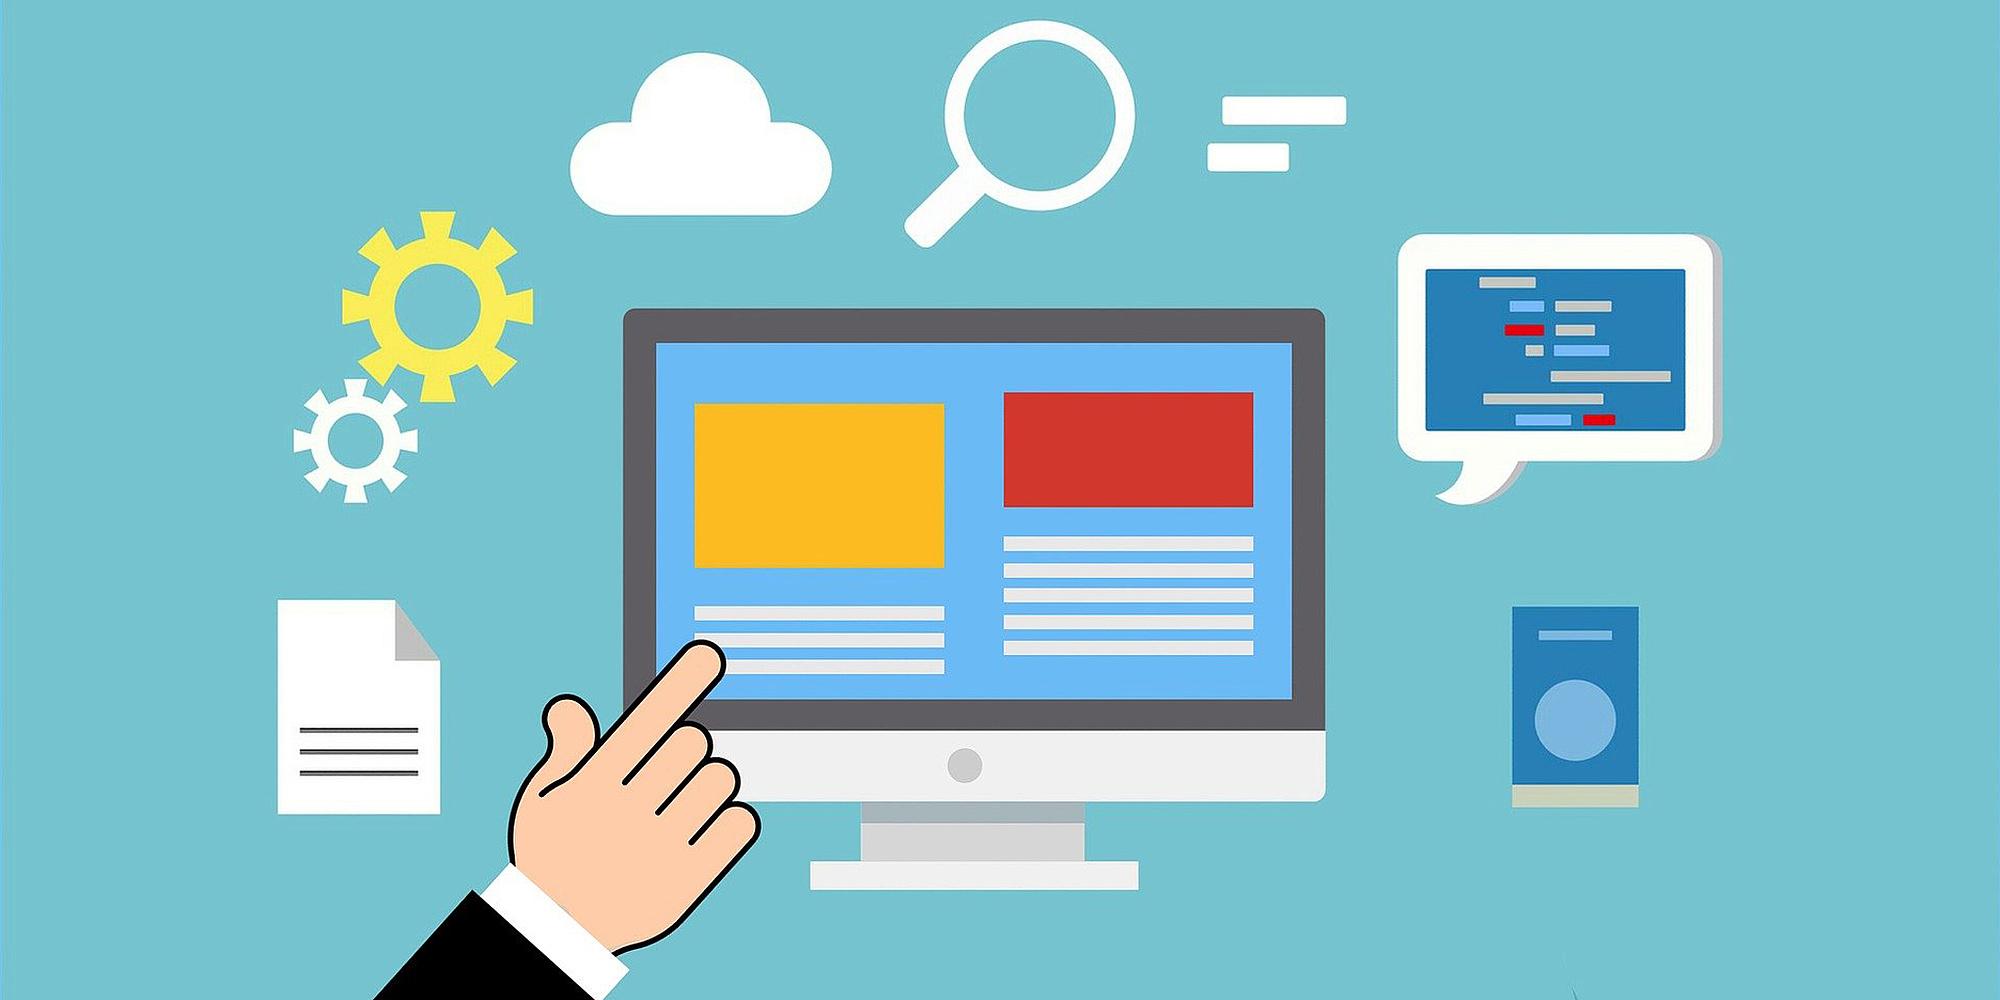 Grafik mit Computerbildschirm, einer Hand und weiteren Icons